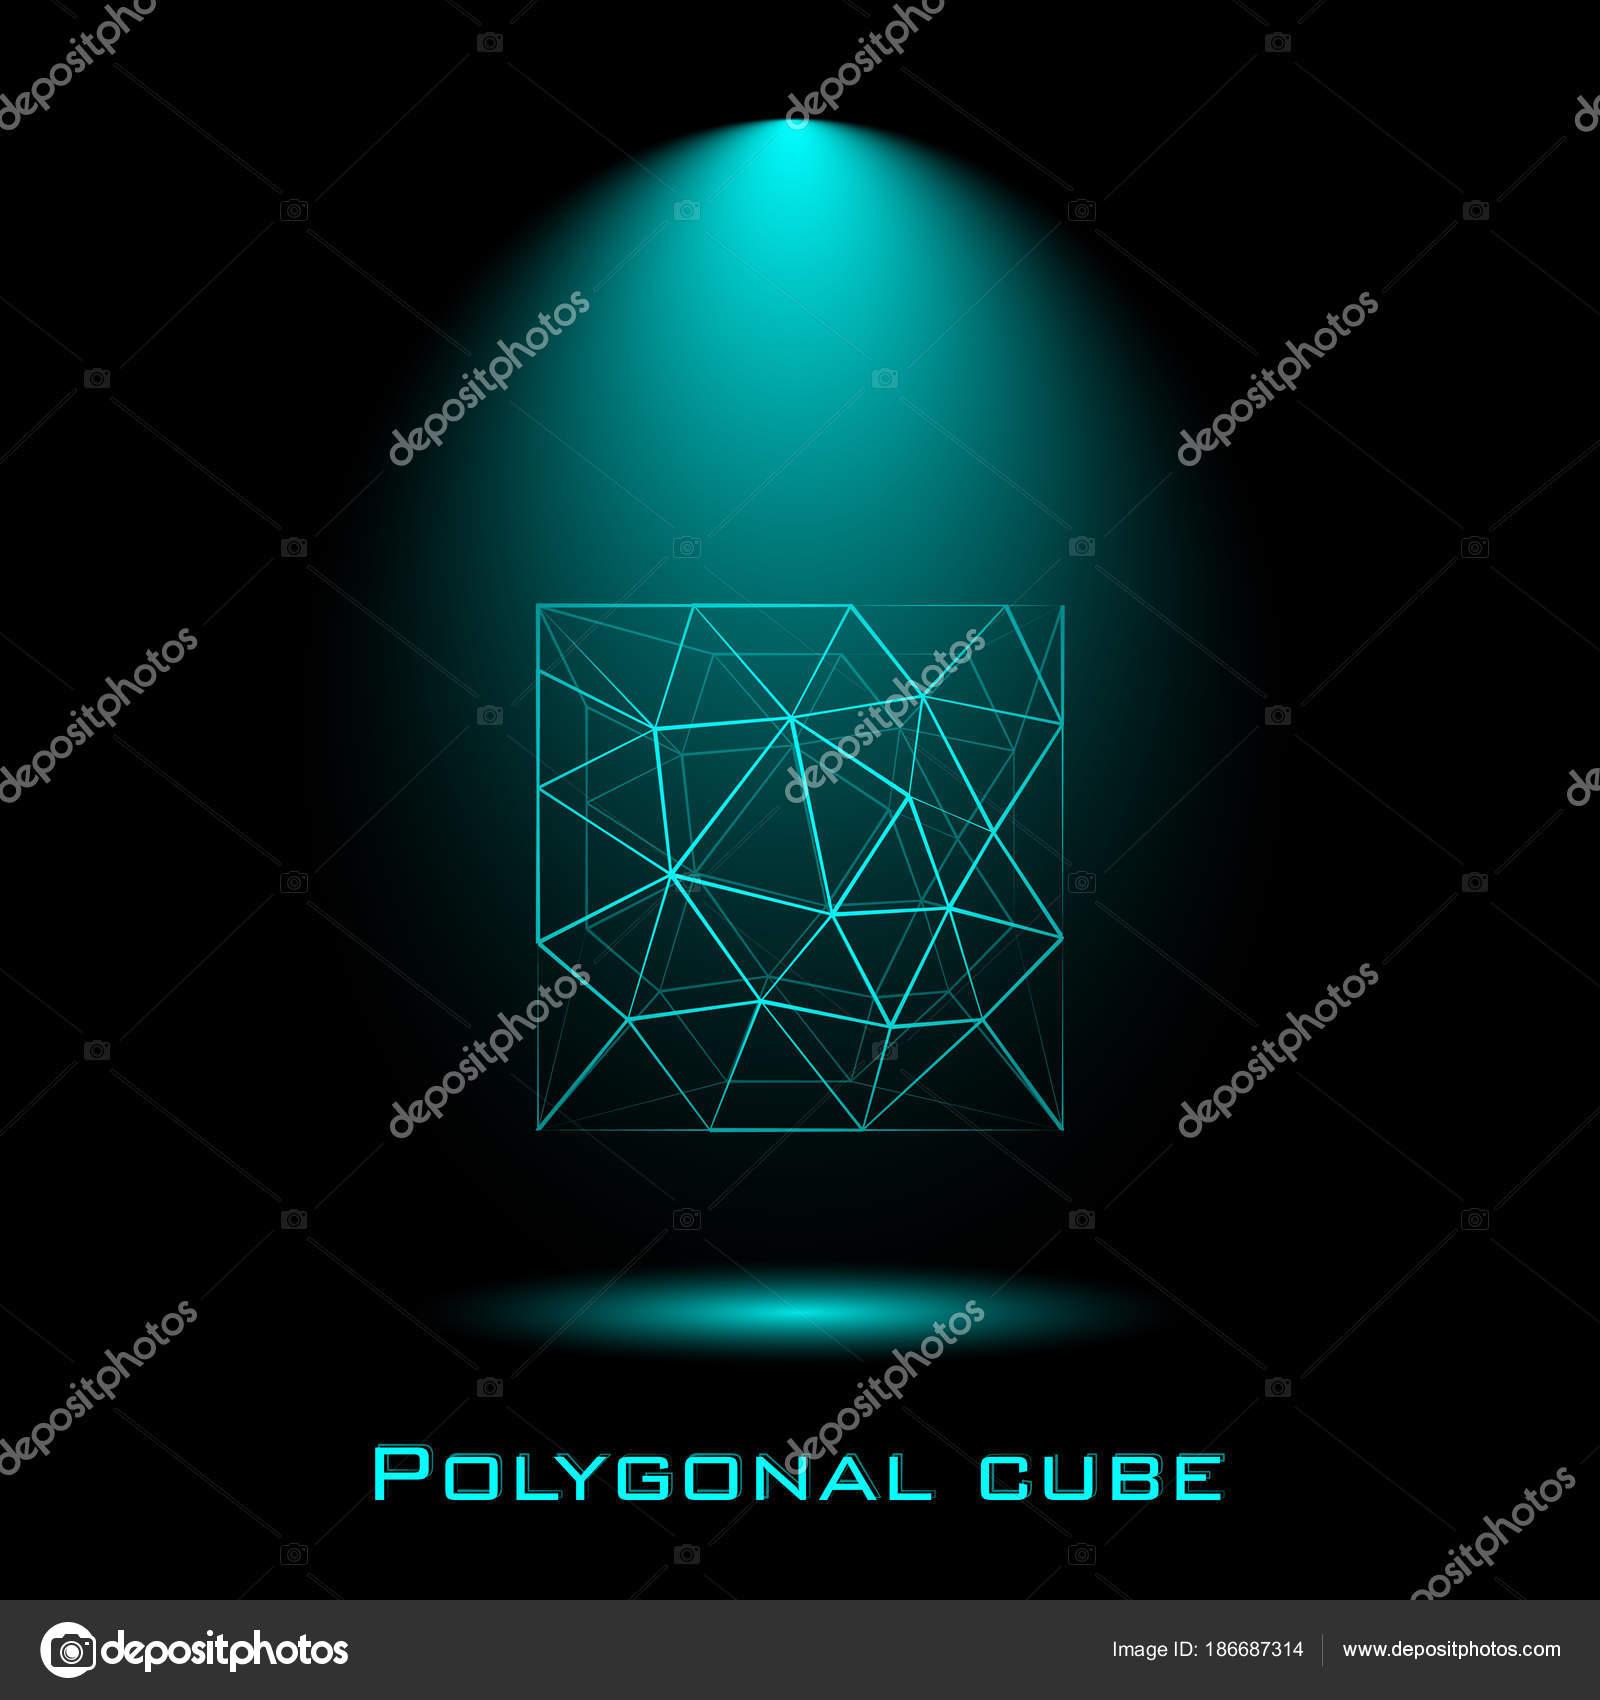 Würfel, Linien, molekulare Gitter, geometrische Form ...